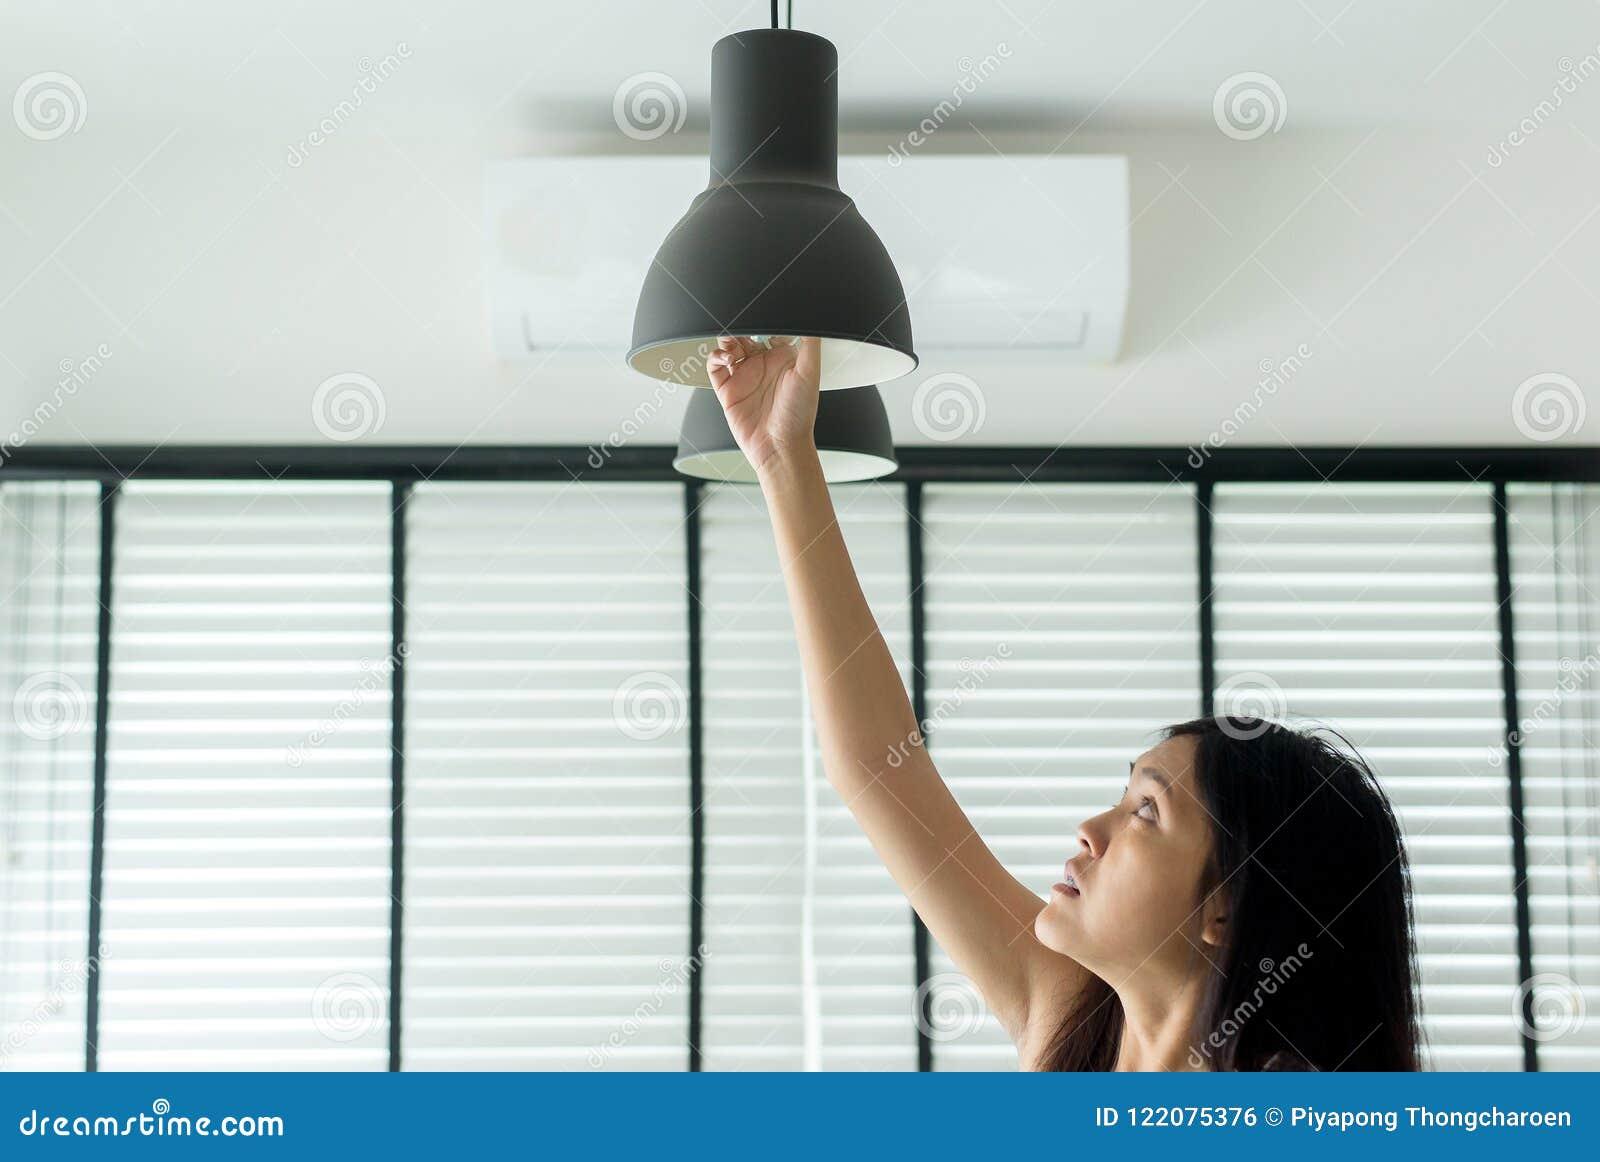 La De Changeant Nouvelle Femme Led Remettez L'ampoule Lampe Avec dsQrth